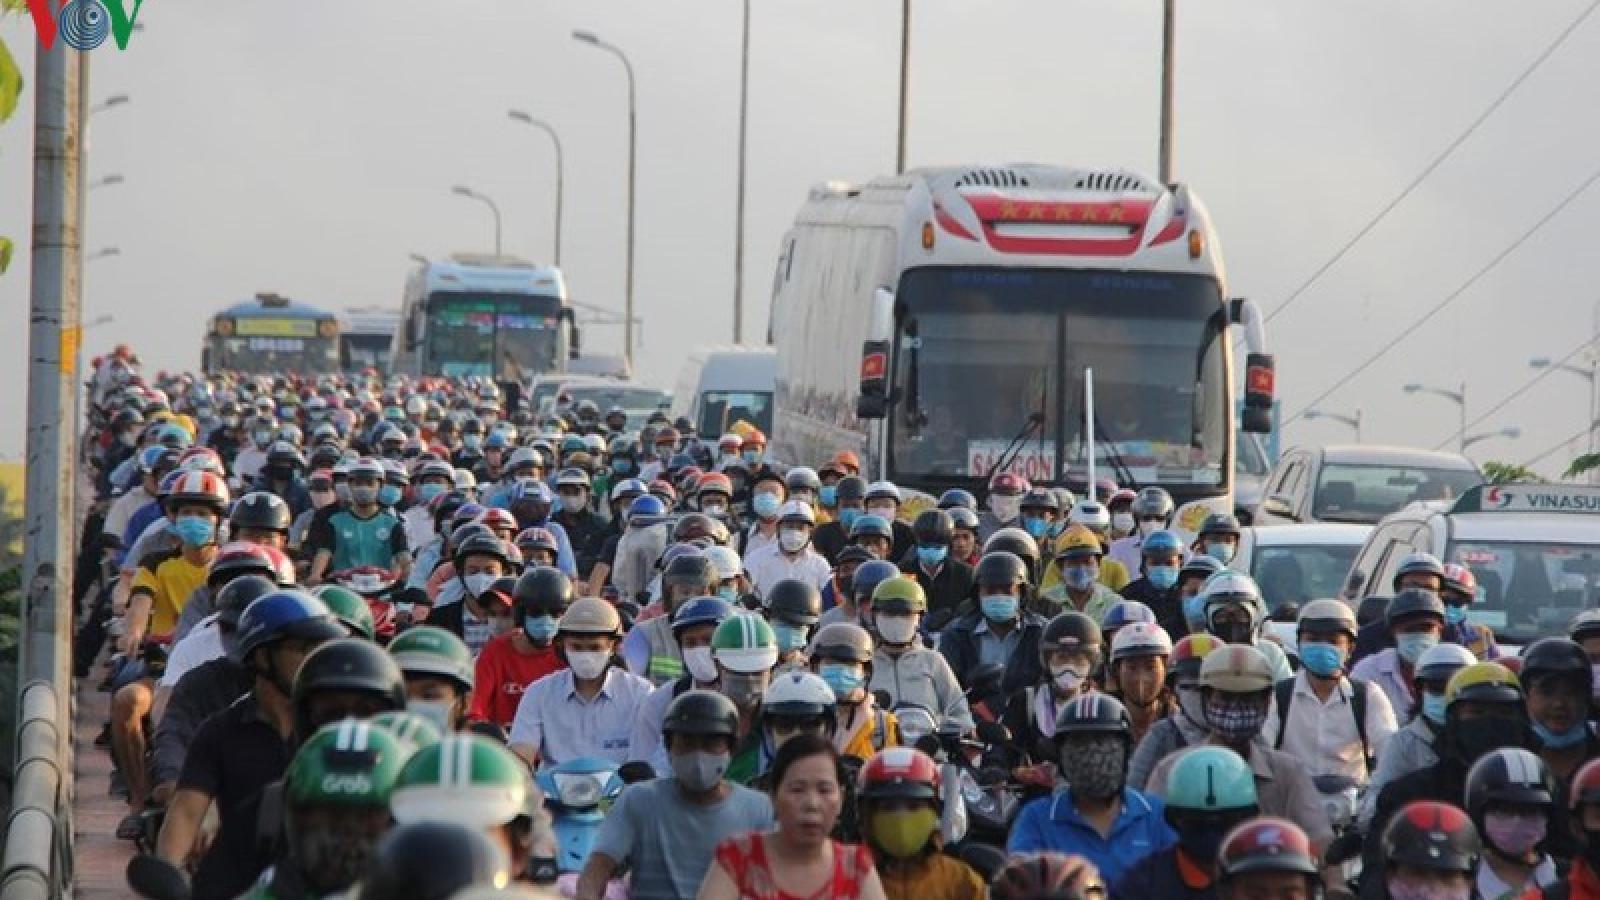 TPHCM: Cửa ngõ vào khu vực bến xe Miền Đông ùn tắc nghiêm trọng